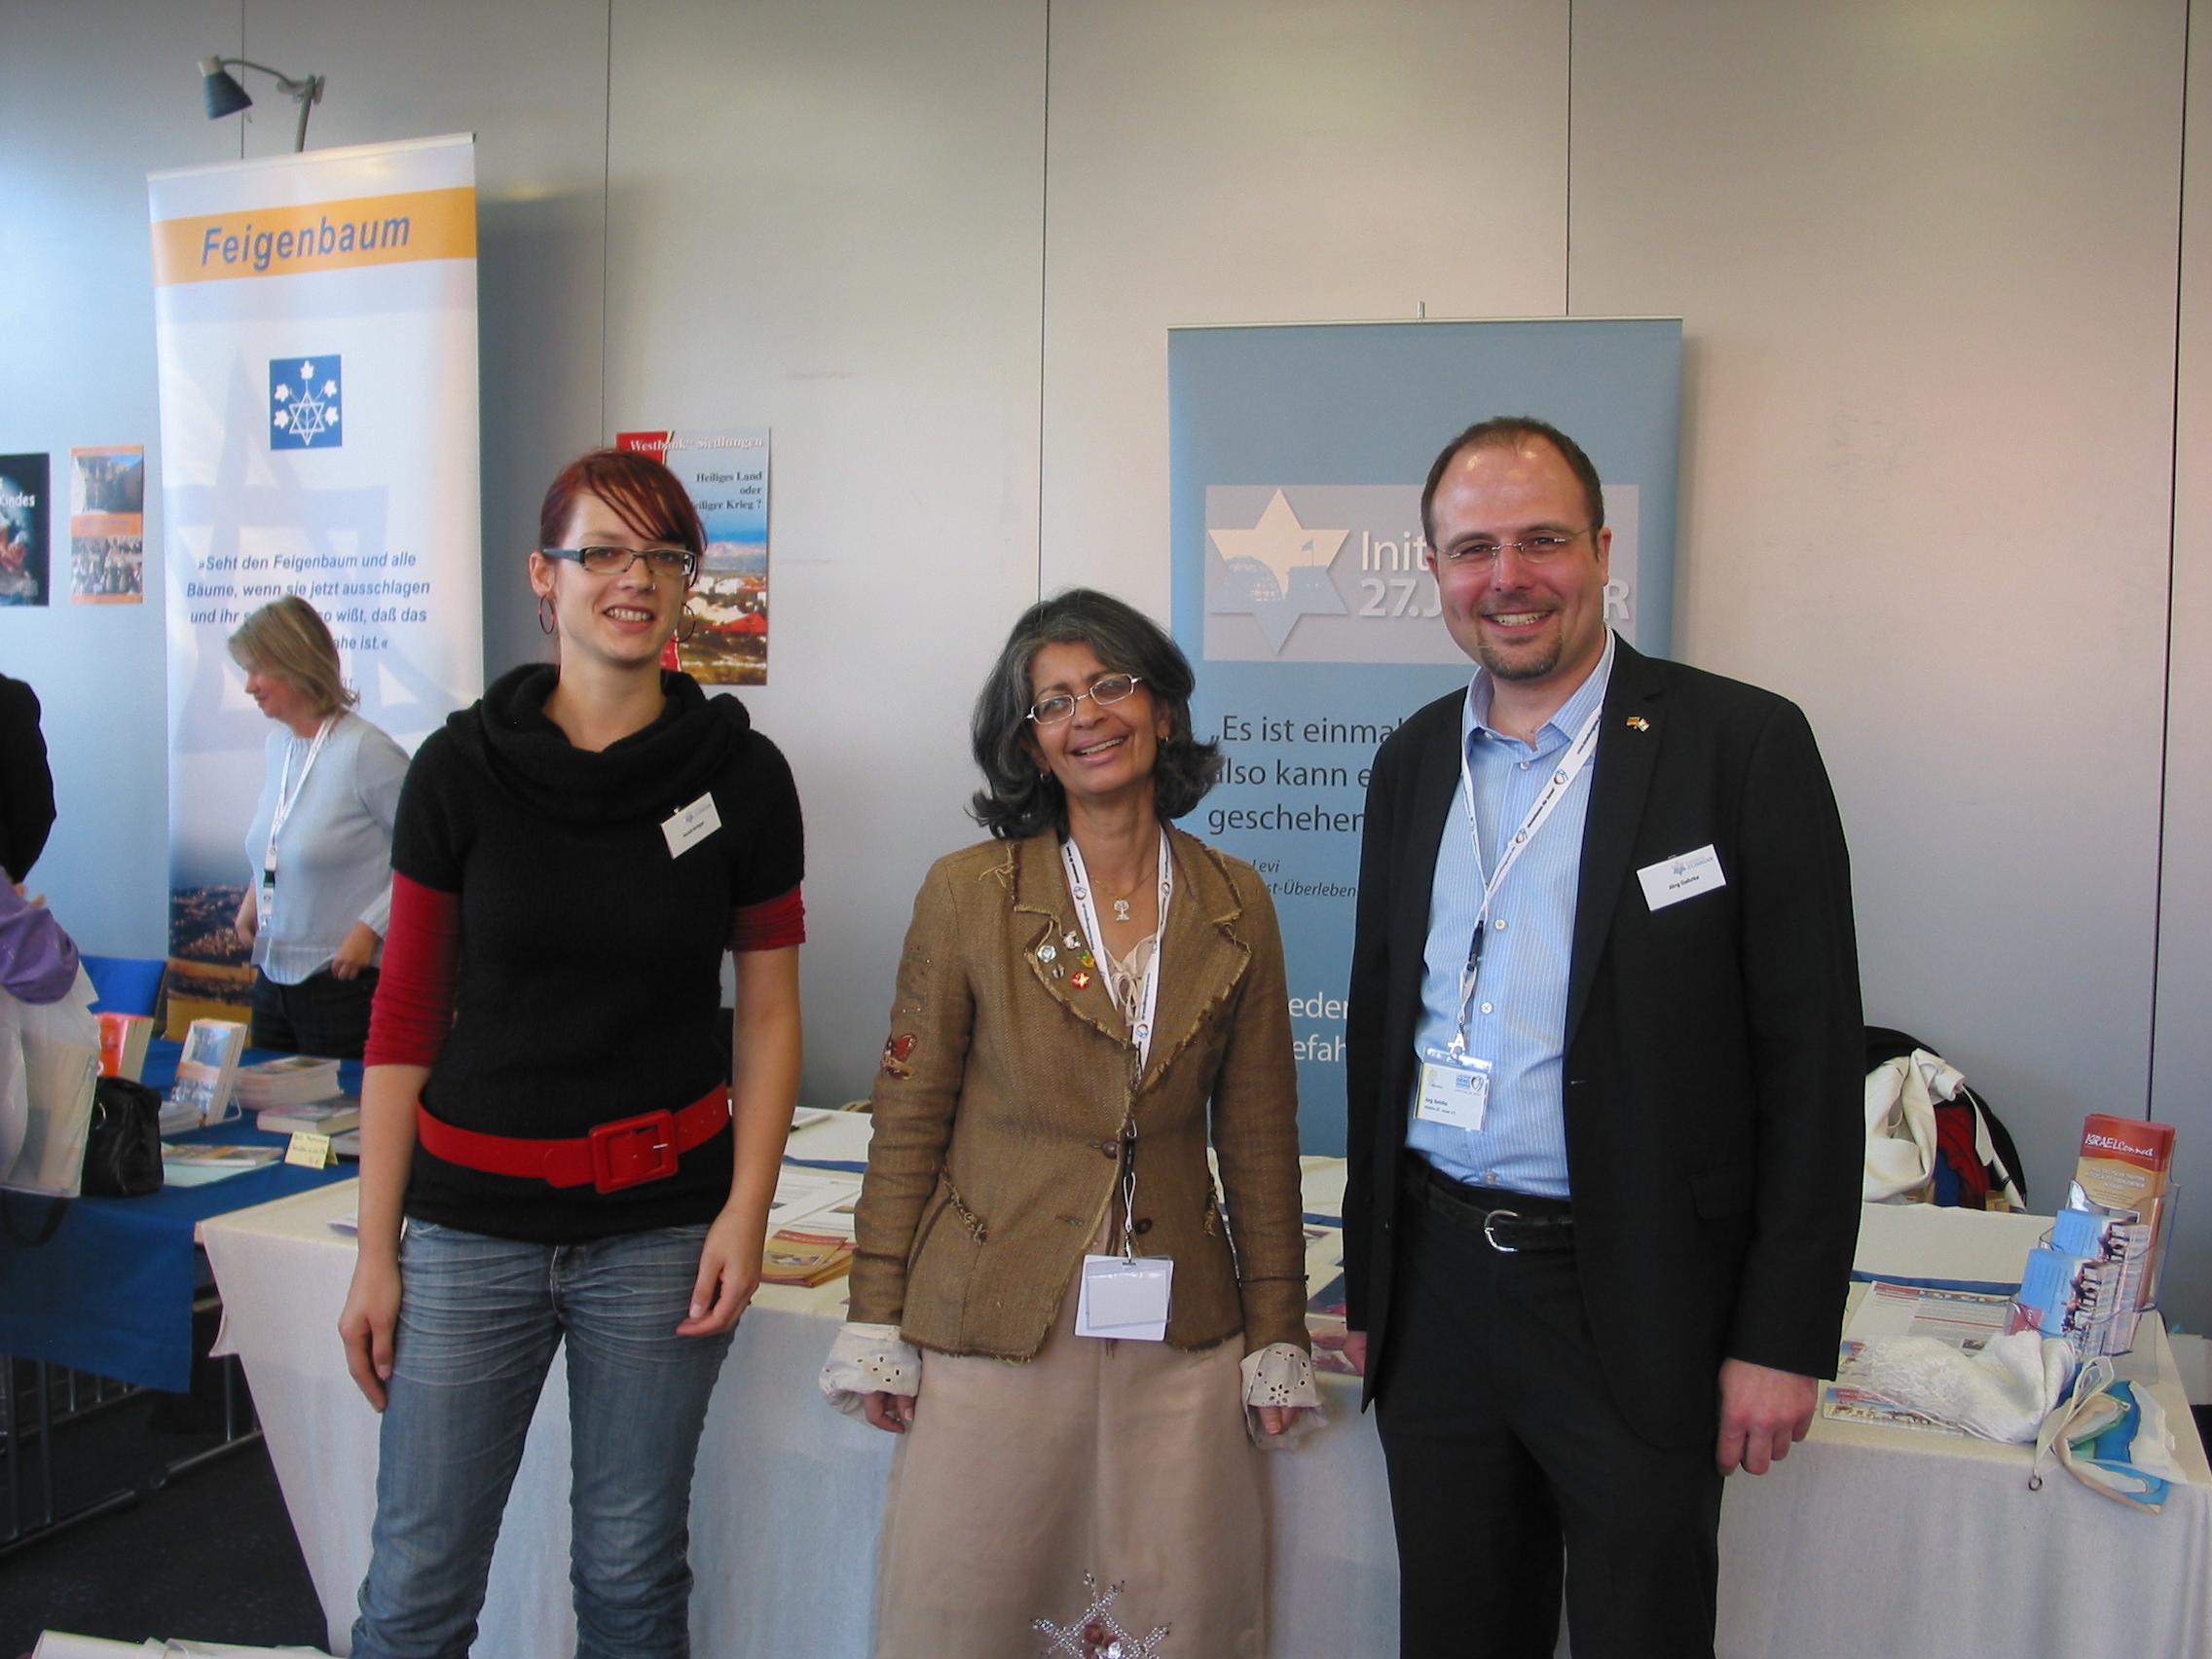 Sarah Kröger und Jörg Gehrke vom Team der Initiative 27. Januar mit Anat Rajber (Mitte) beim 2. Deutschen Israelkongress 2011 am 23.10.2011 in Frankfurt am Main